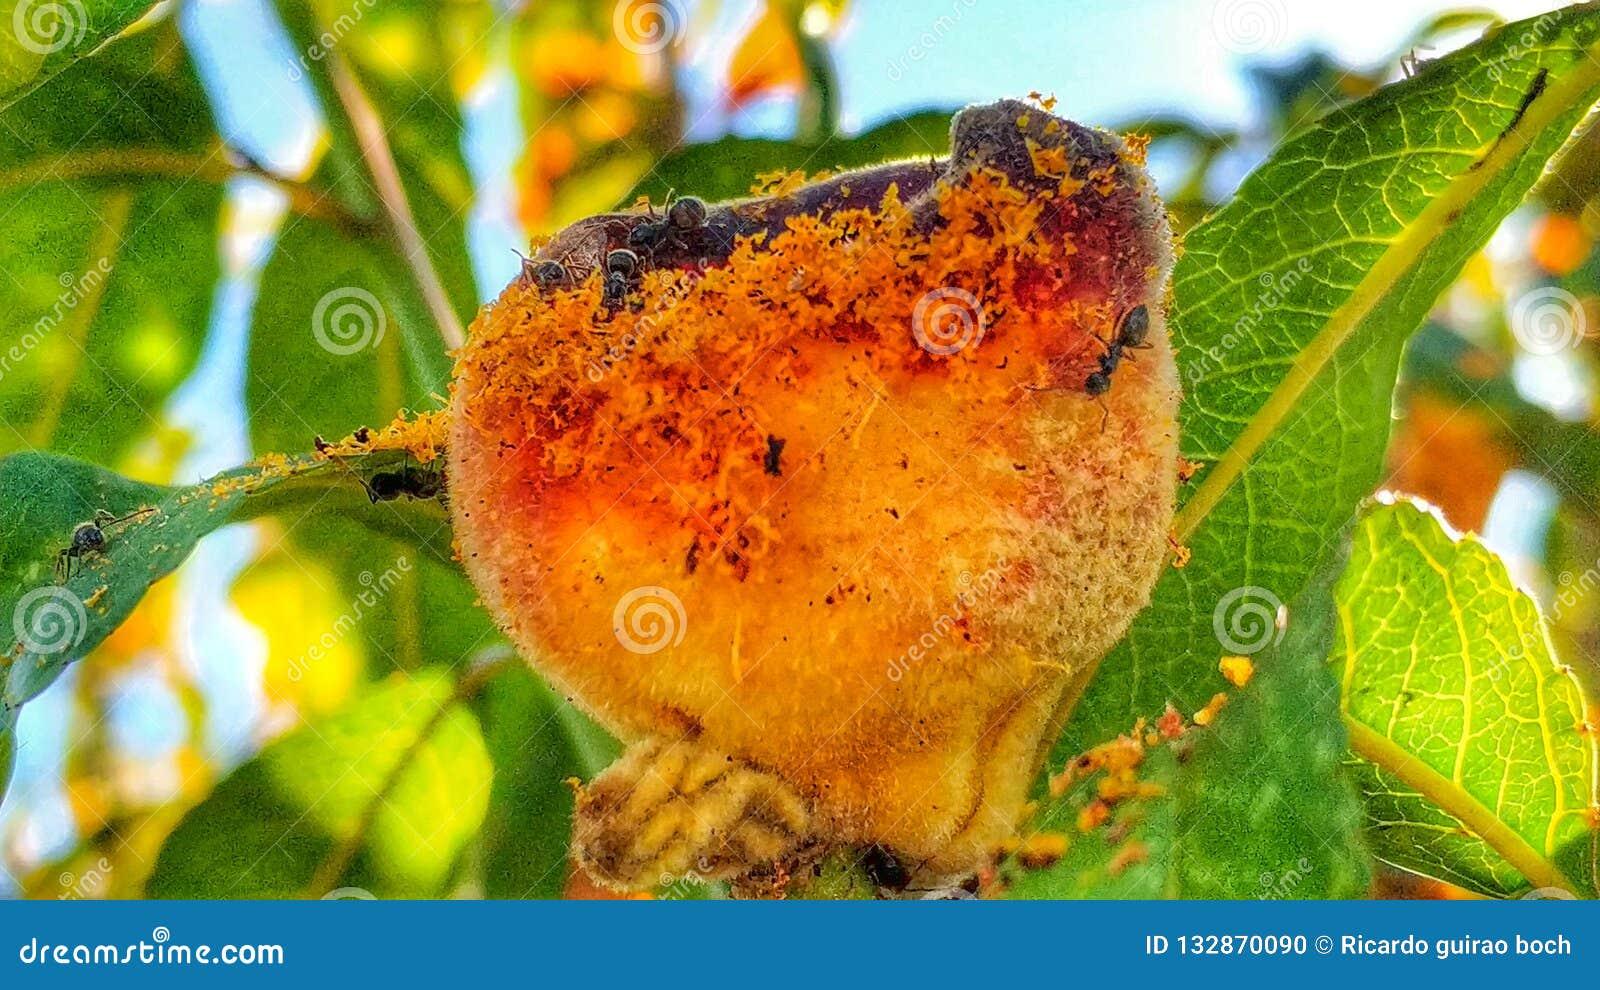 Formigas e pêssego 4